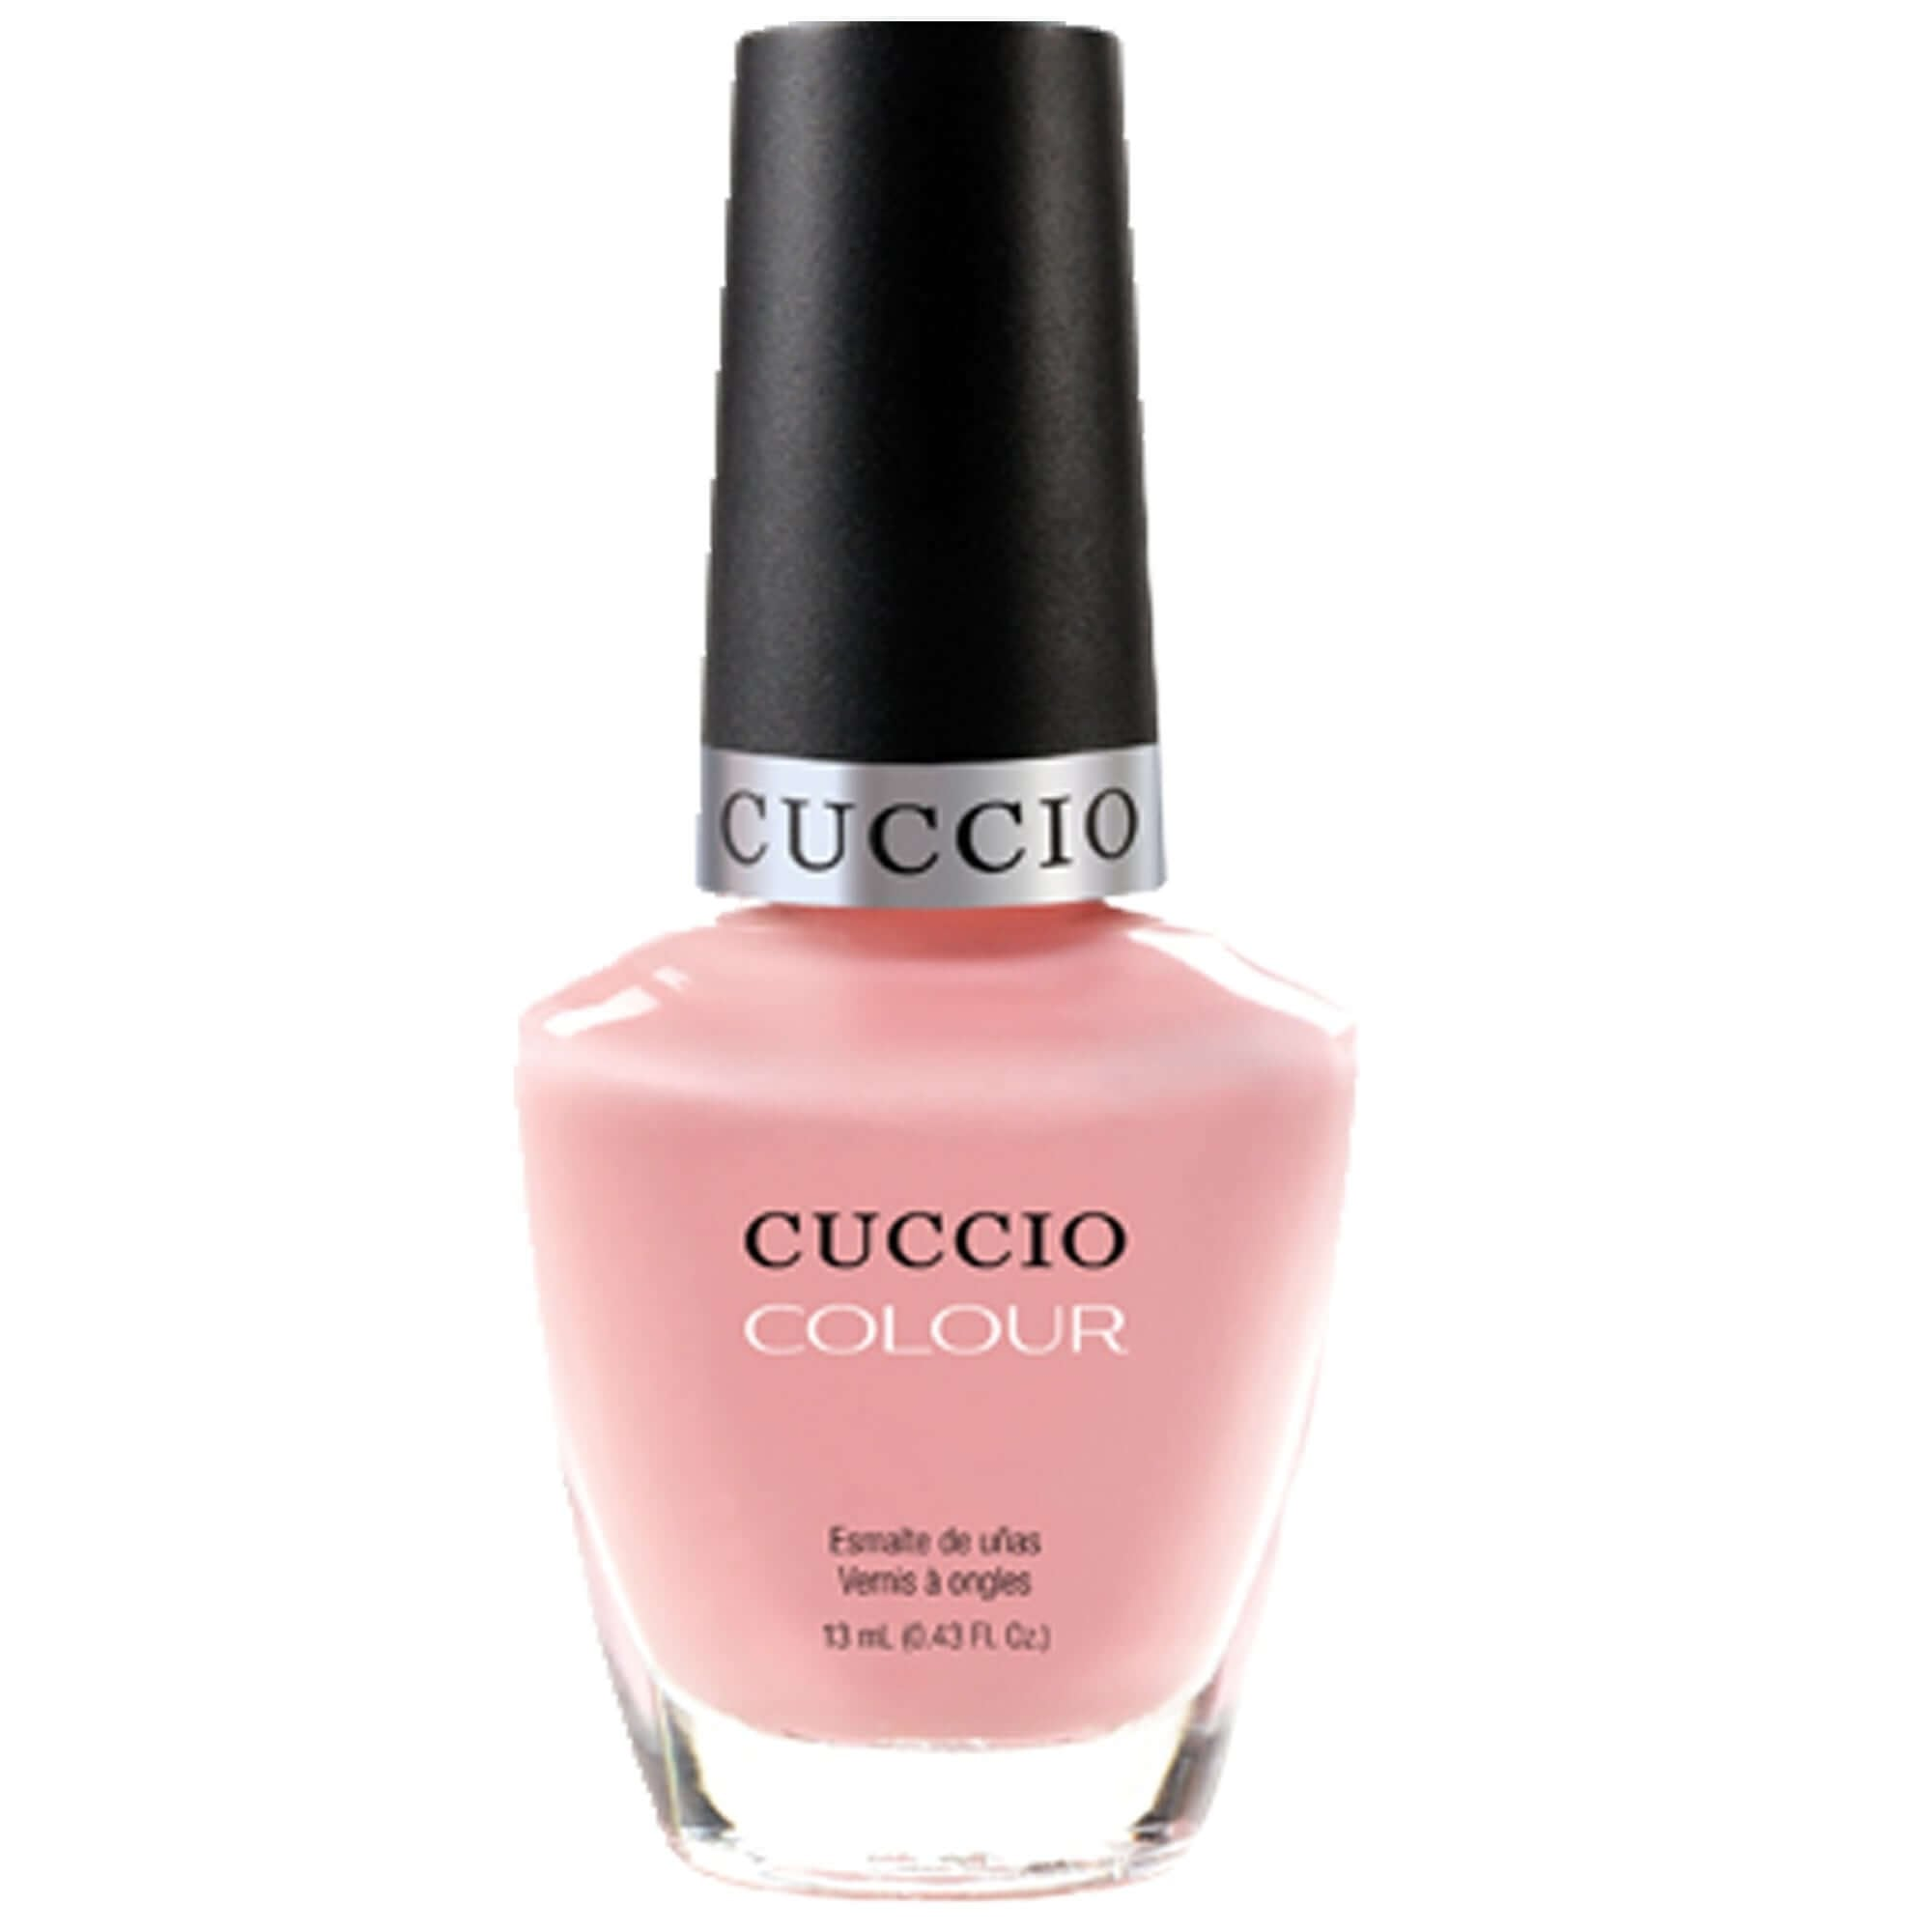 Cuccio Pinky Swear Colour Nail Polish 13ml